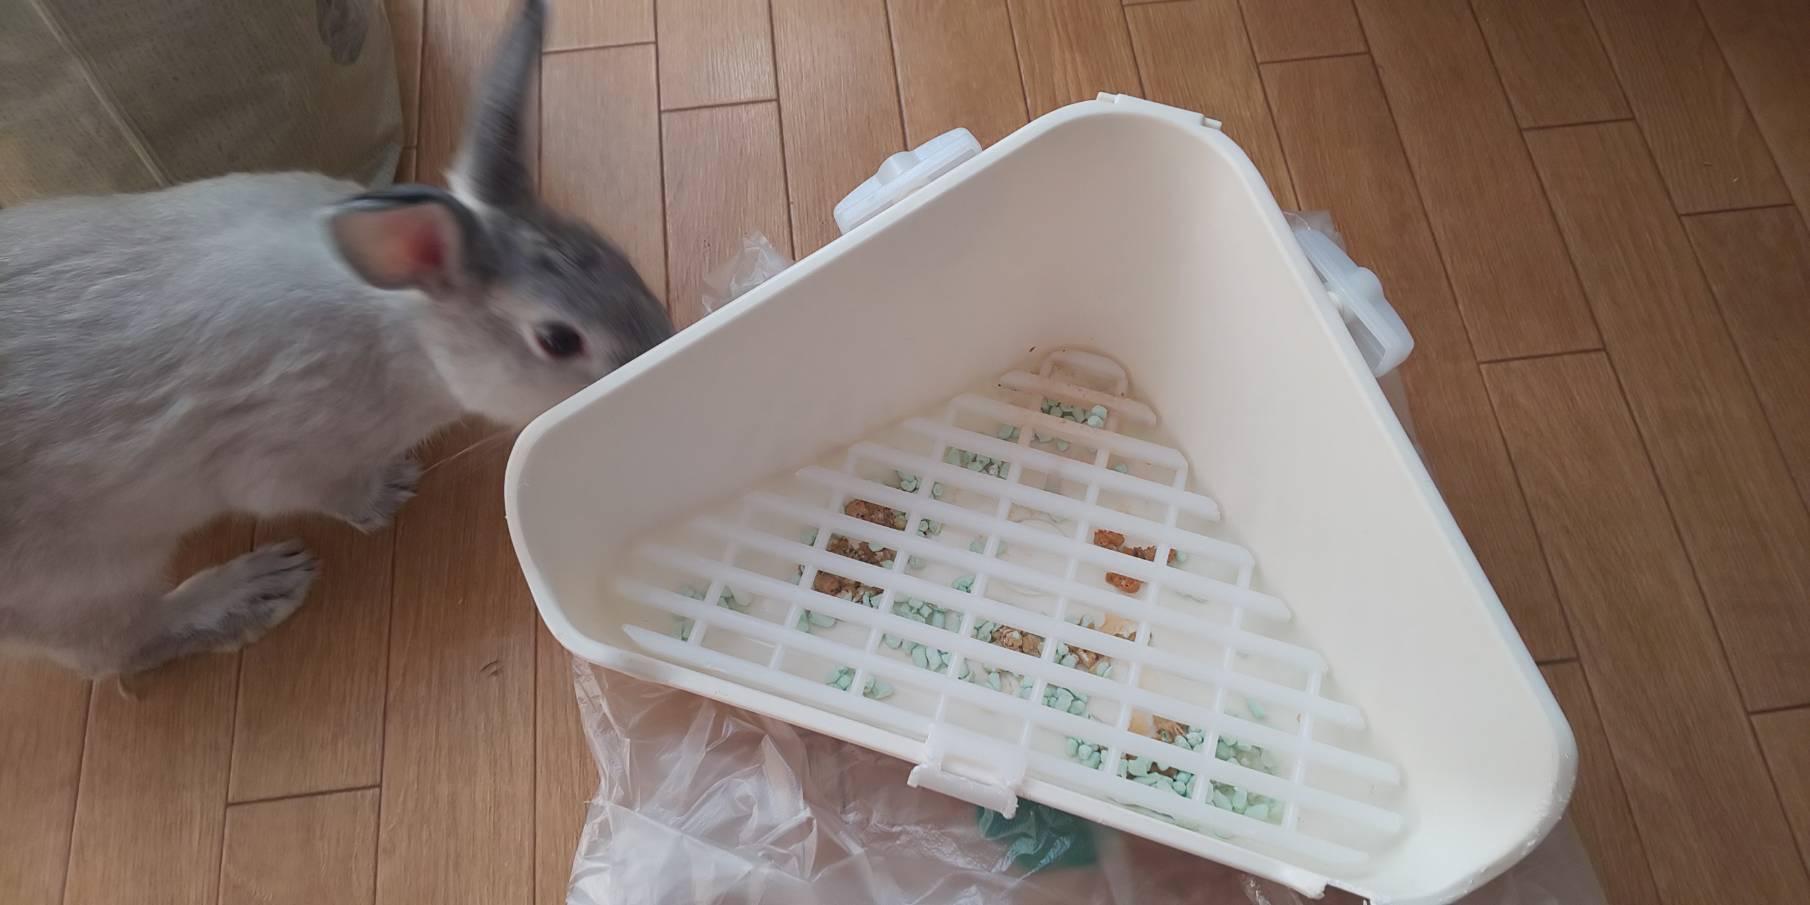 【ミニウサギ】 トイレ戦争に終止符!! もうトイレで悩みません。